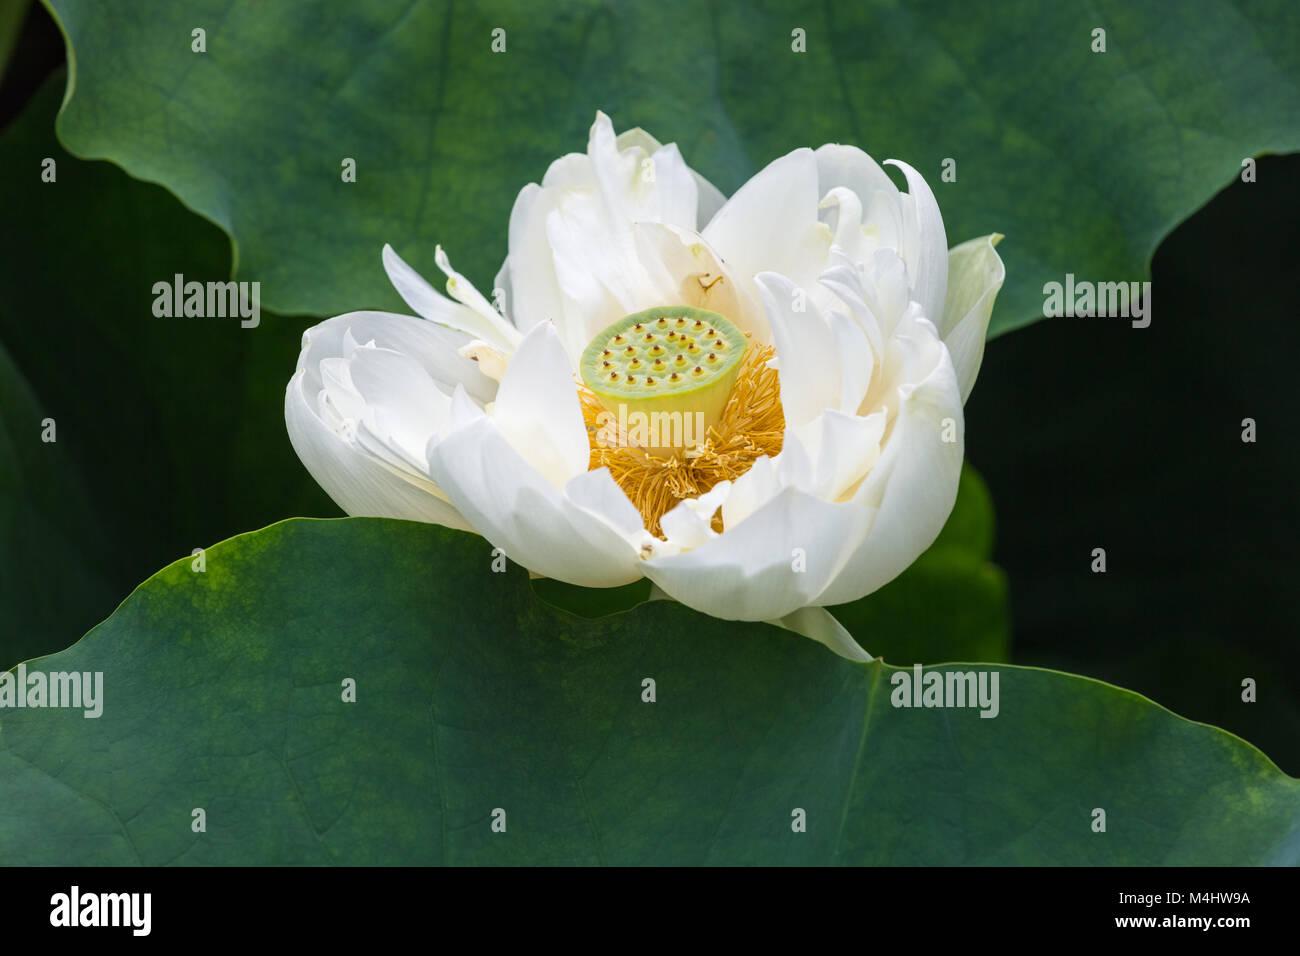 White Lotus Flower Closeup Stock Photos White Lotus Flower Closeup